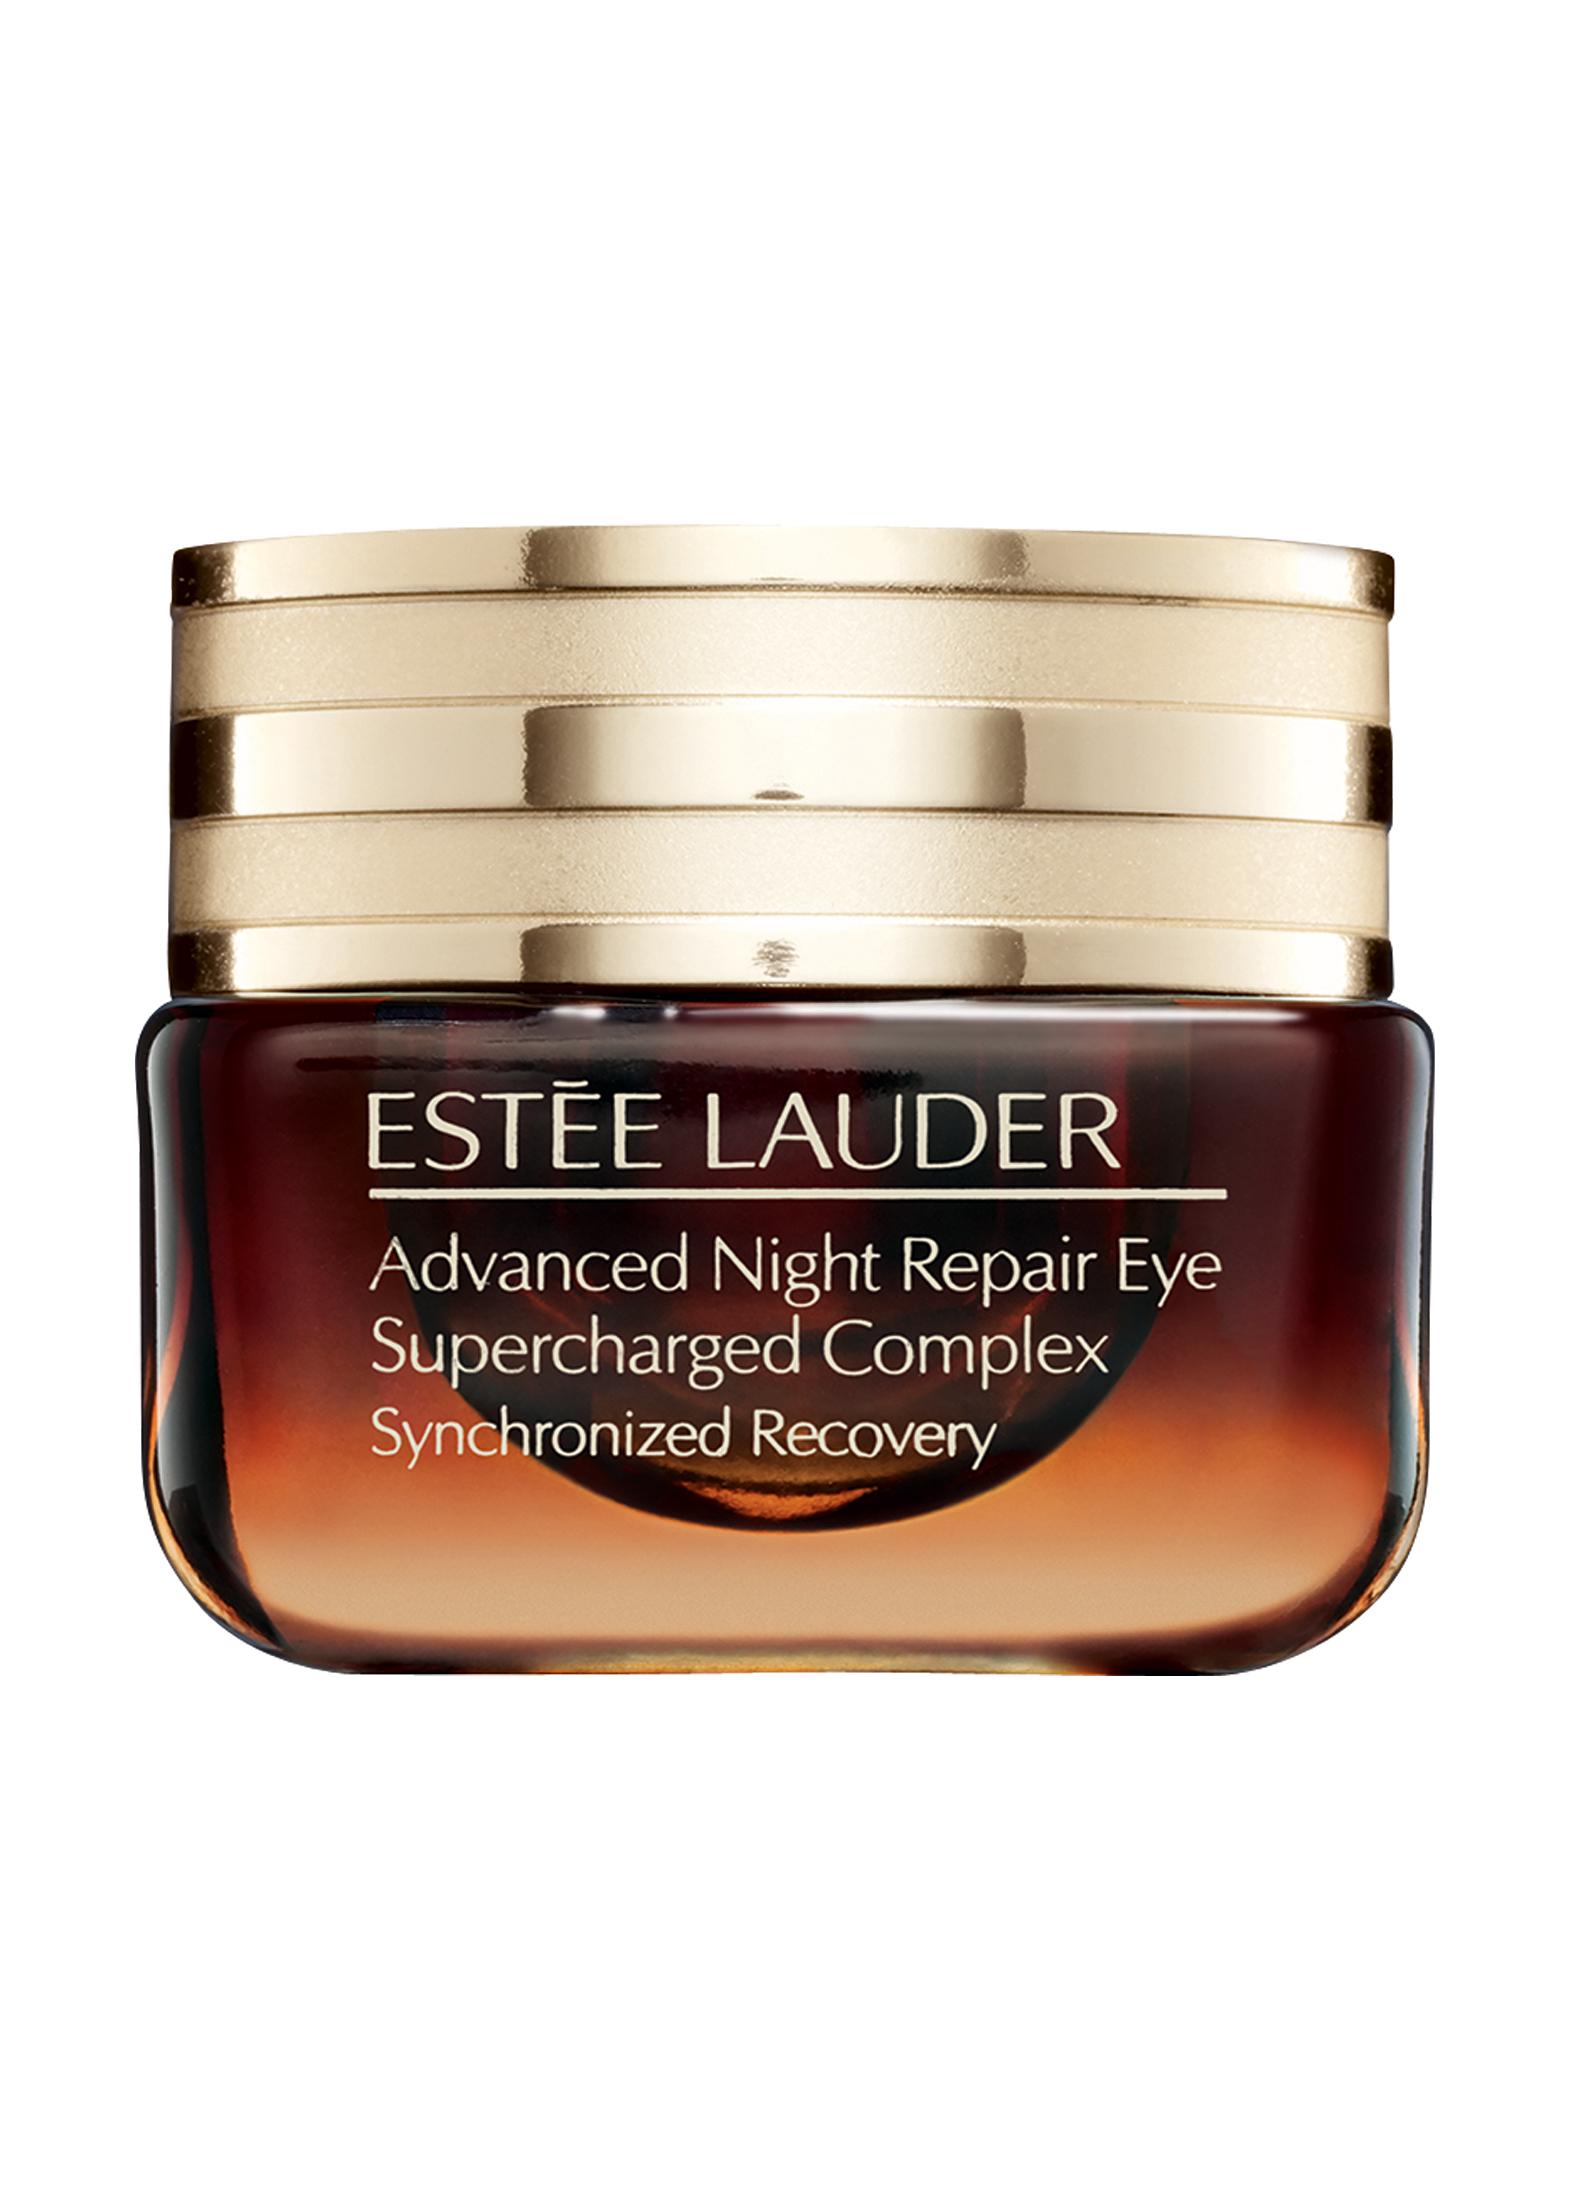 01 Advanced Night Repair - New Eye Gel 15ml image number 0